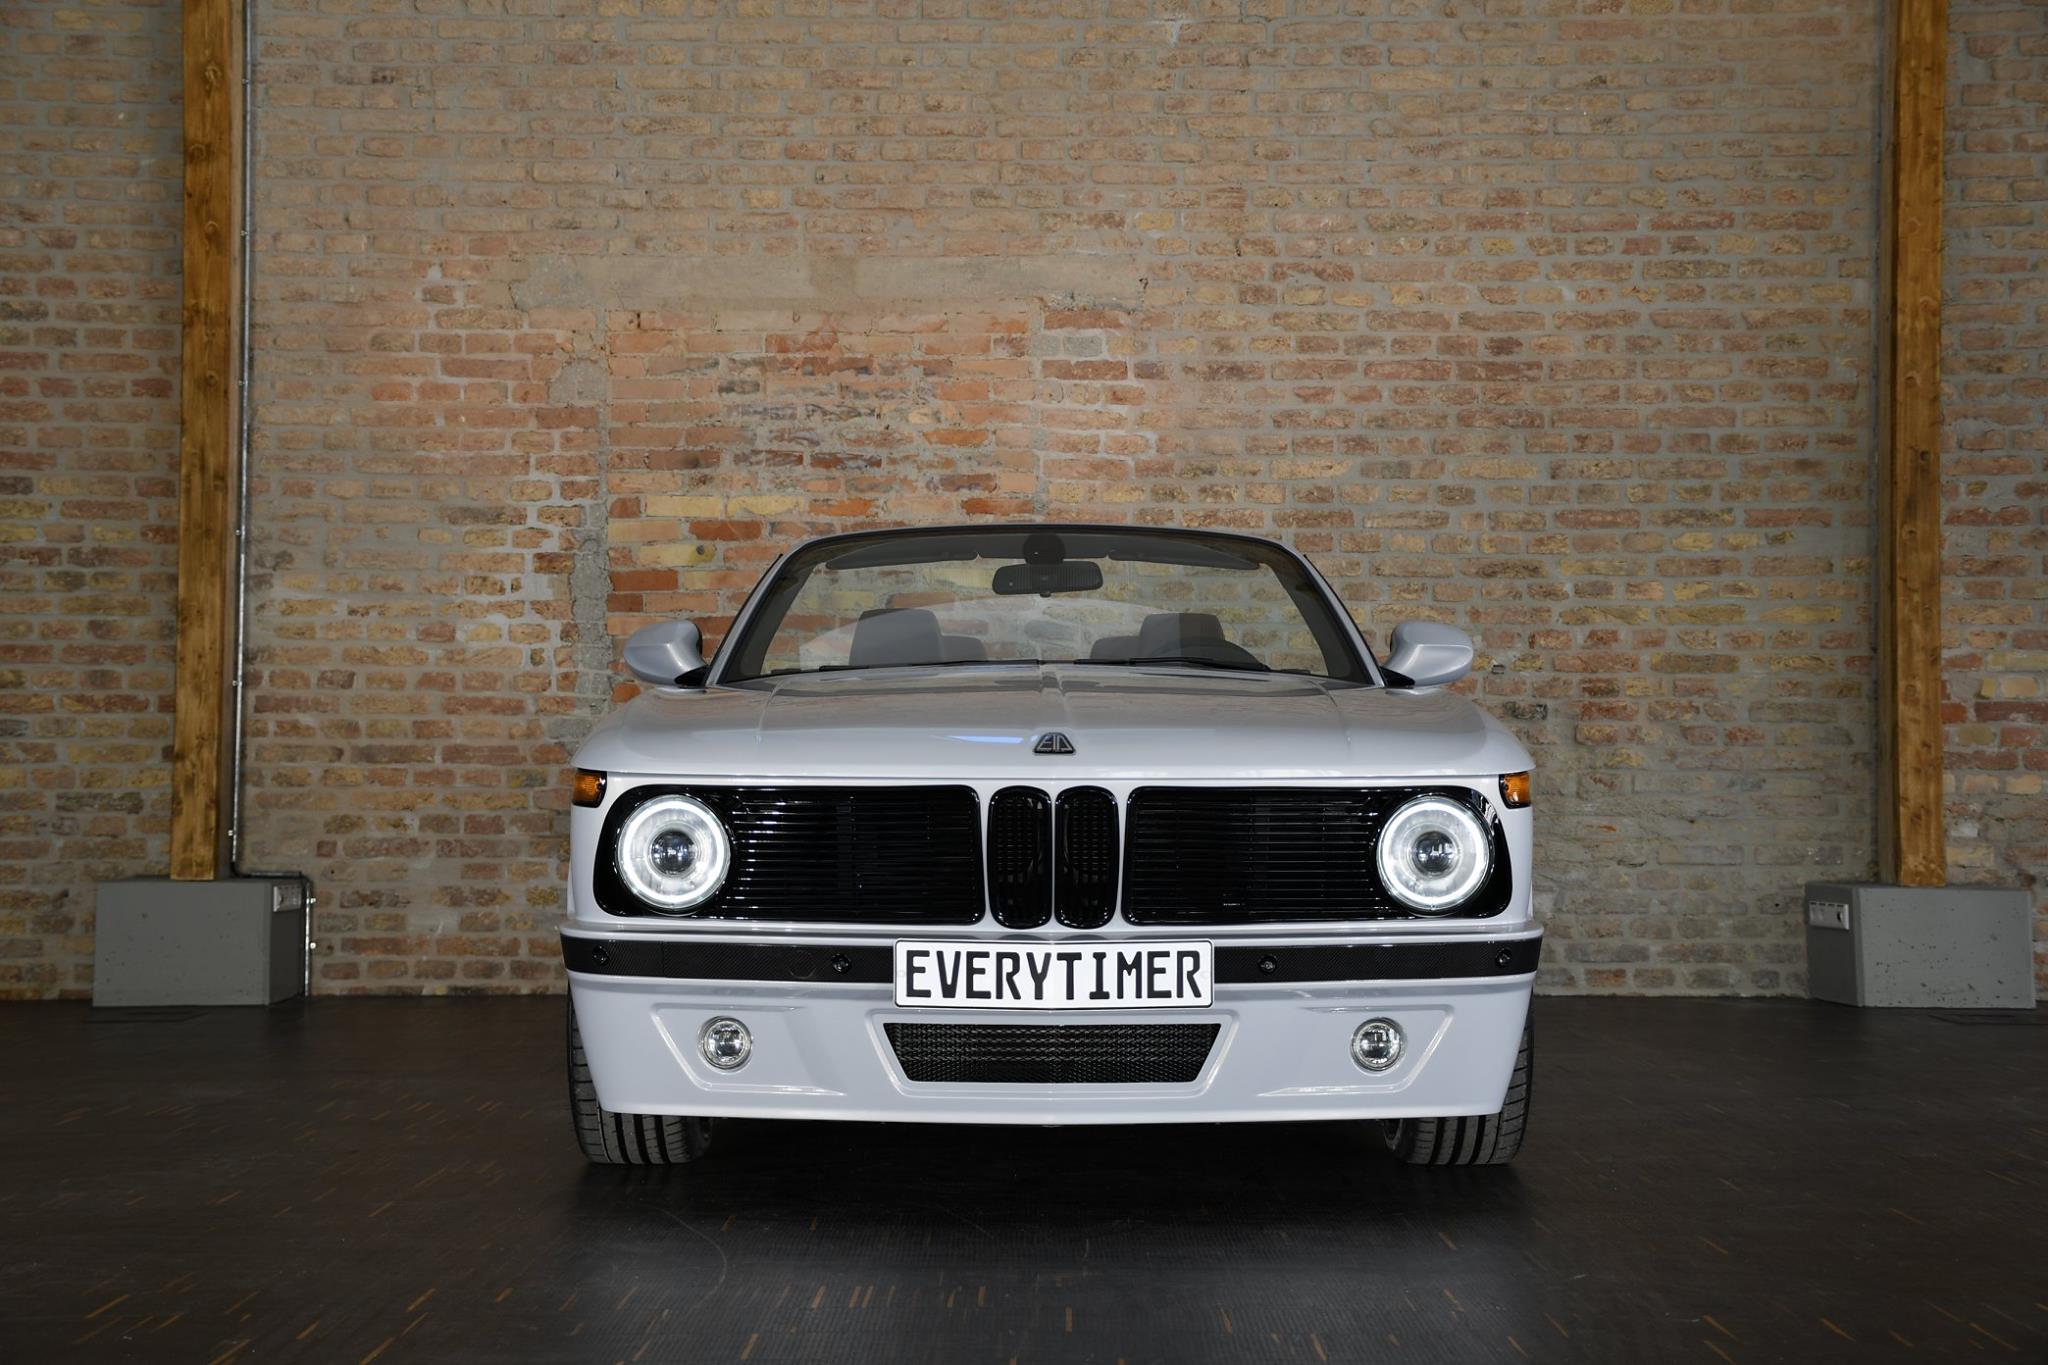 BMW 02 Cabrio by ETA (4)